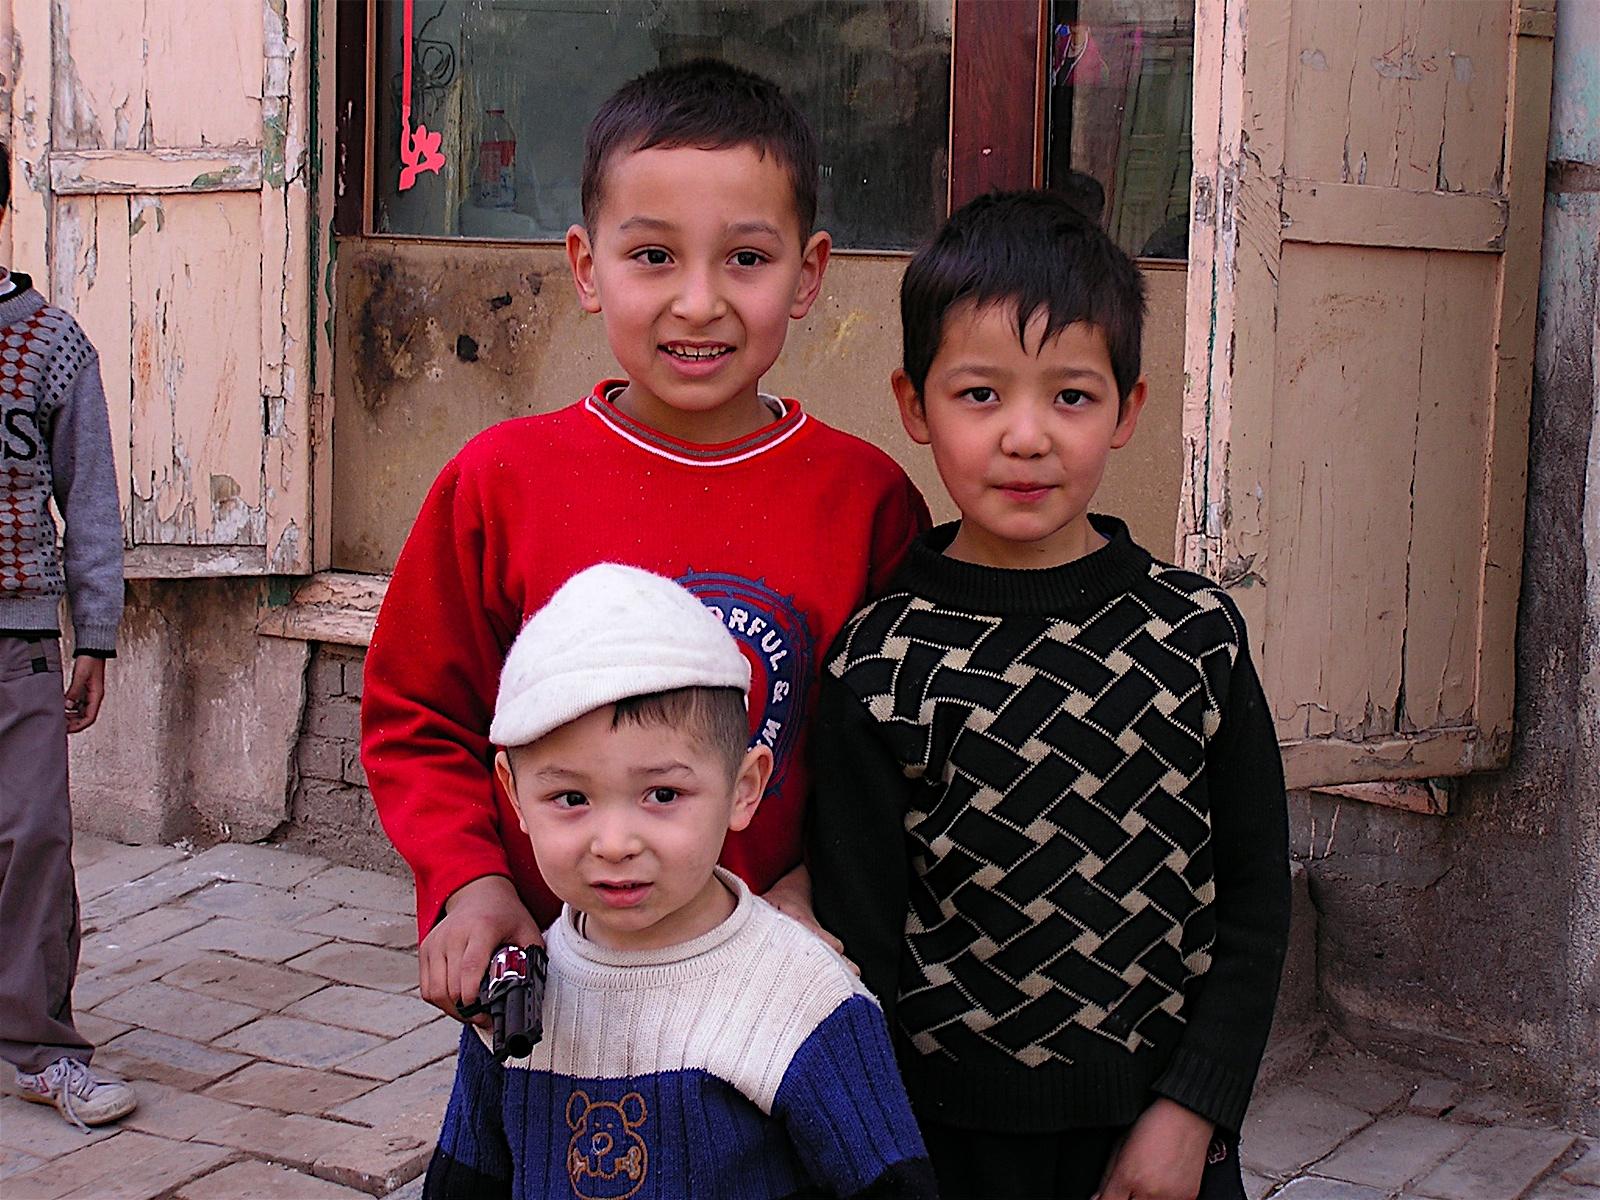 Xinjiang Teachers to Take Part in Anti-separatism Program